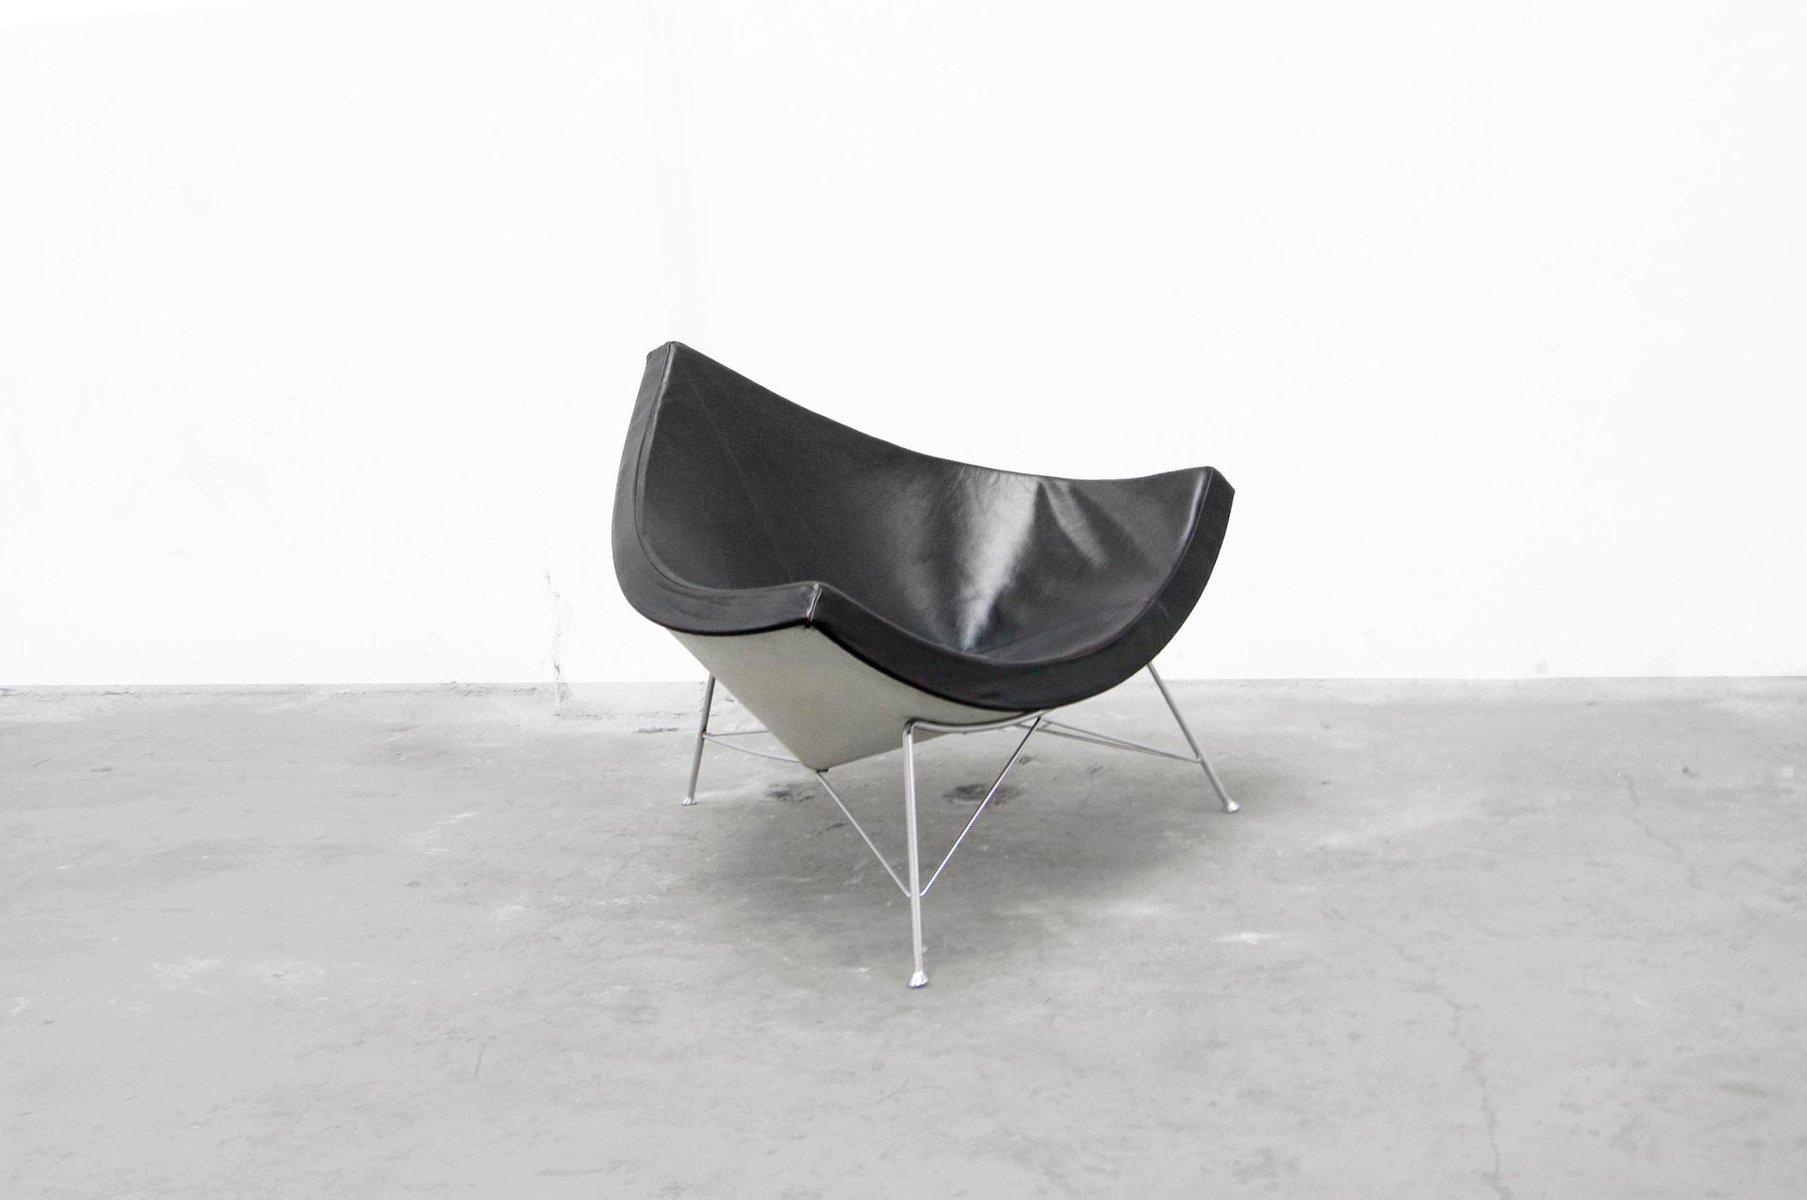 kokosnuss stuhl von george nelson f r herman miller 1955 bei pamono kaufen. Black Bedroom Furniture Sets. Home Design Ideas